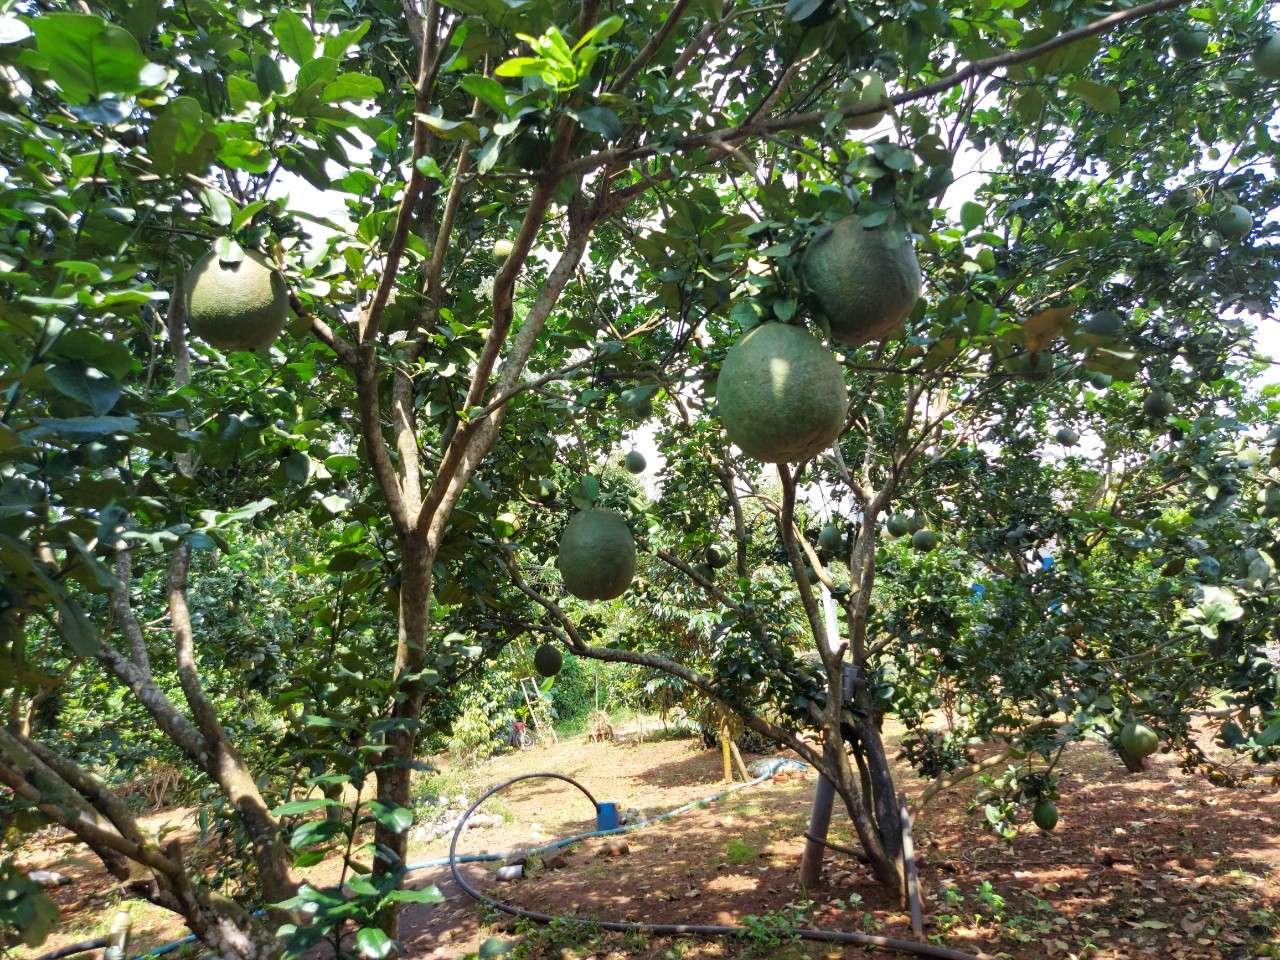 Bán vườn trái cây 5150m2 lưng tựa núi tại xã Nhân Nghĩa, Cẩm Mỹ, Đồng Nai